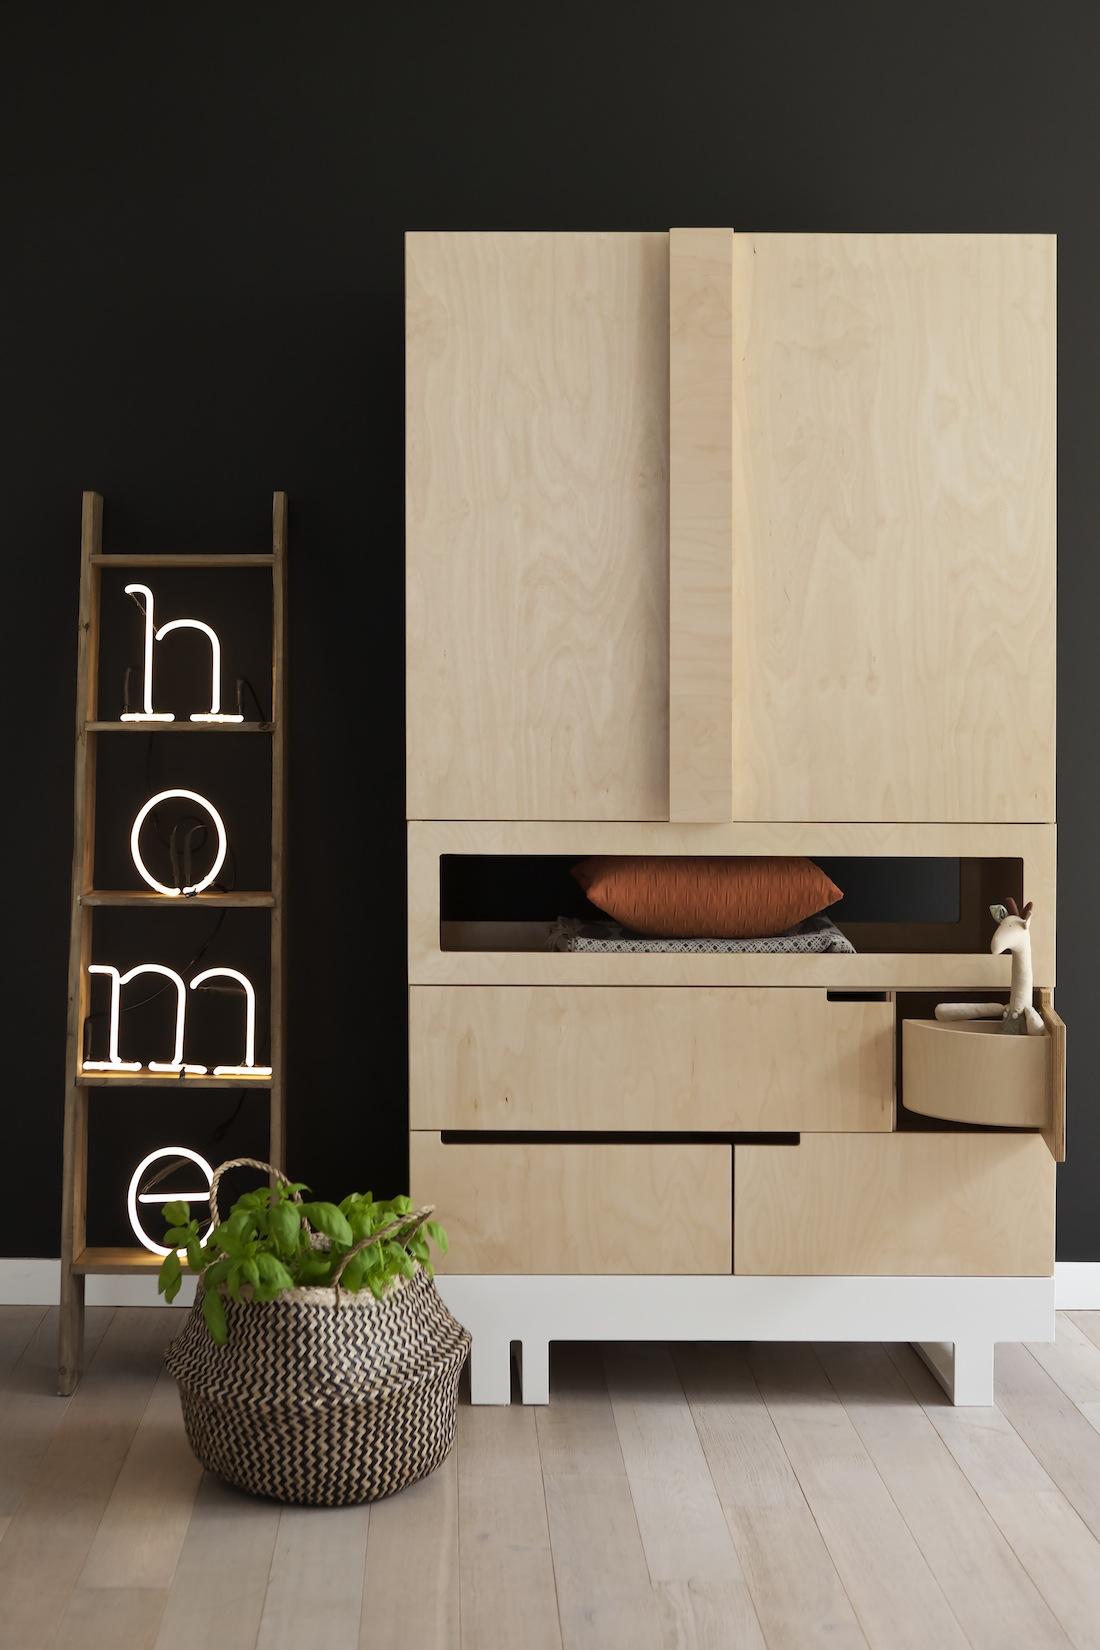 Mobilier Cologique Au Design Minimaliste Dans Une Chambre